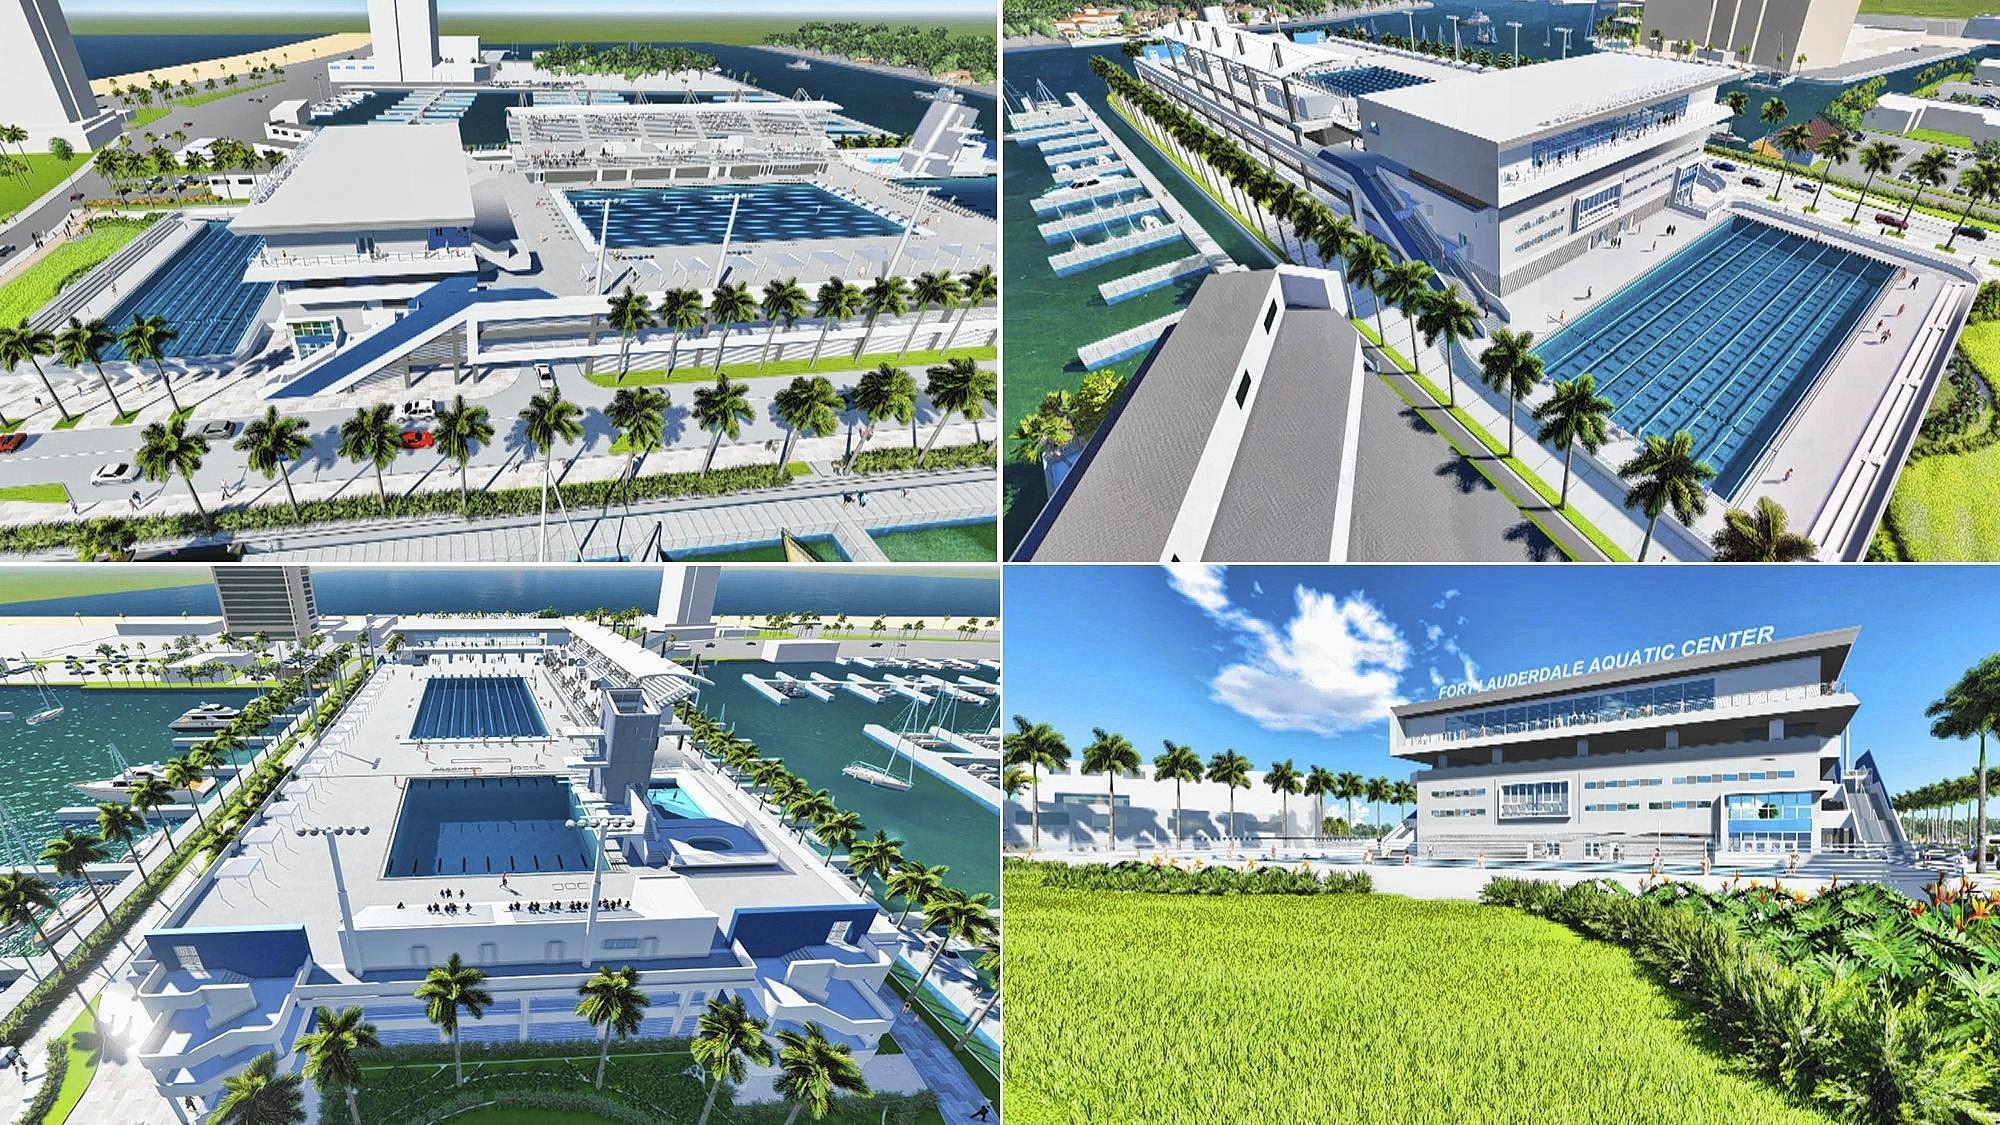 Fort Lauderdale Aquatic Center Discussion Postponed Tribunedigital Sunsentinel